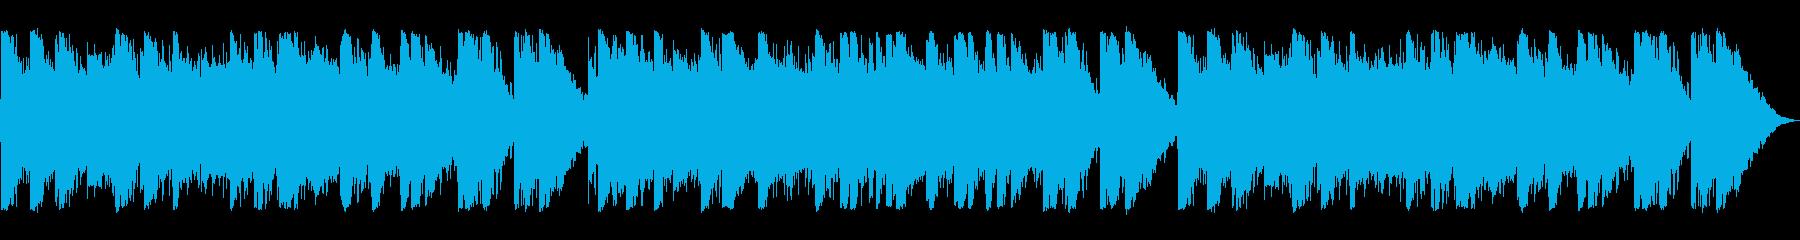 アンプラグド センチメンタル アク...の再生済みの波形